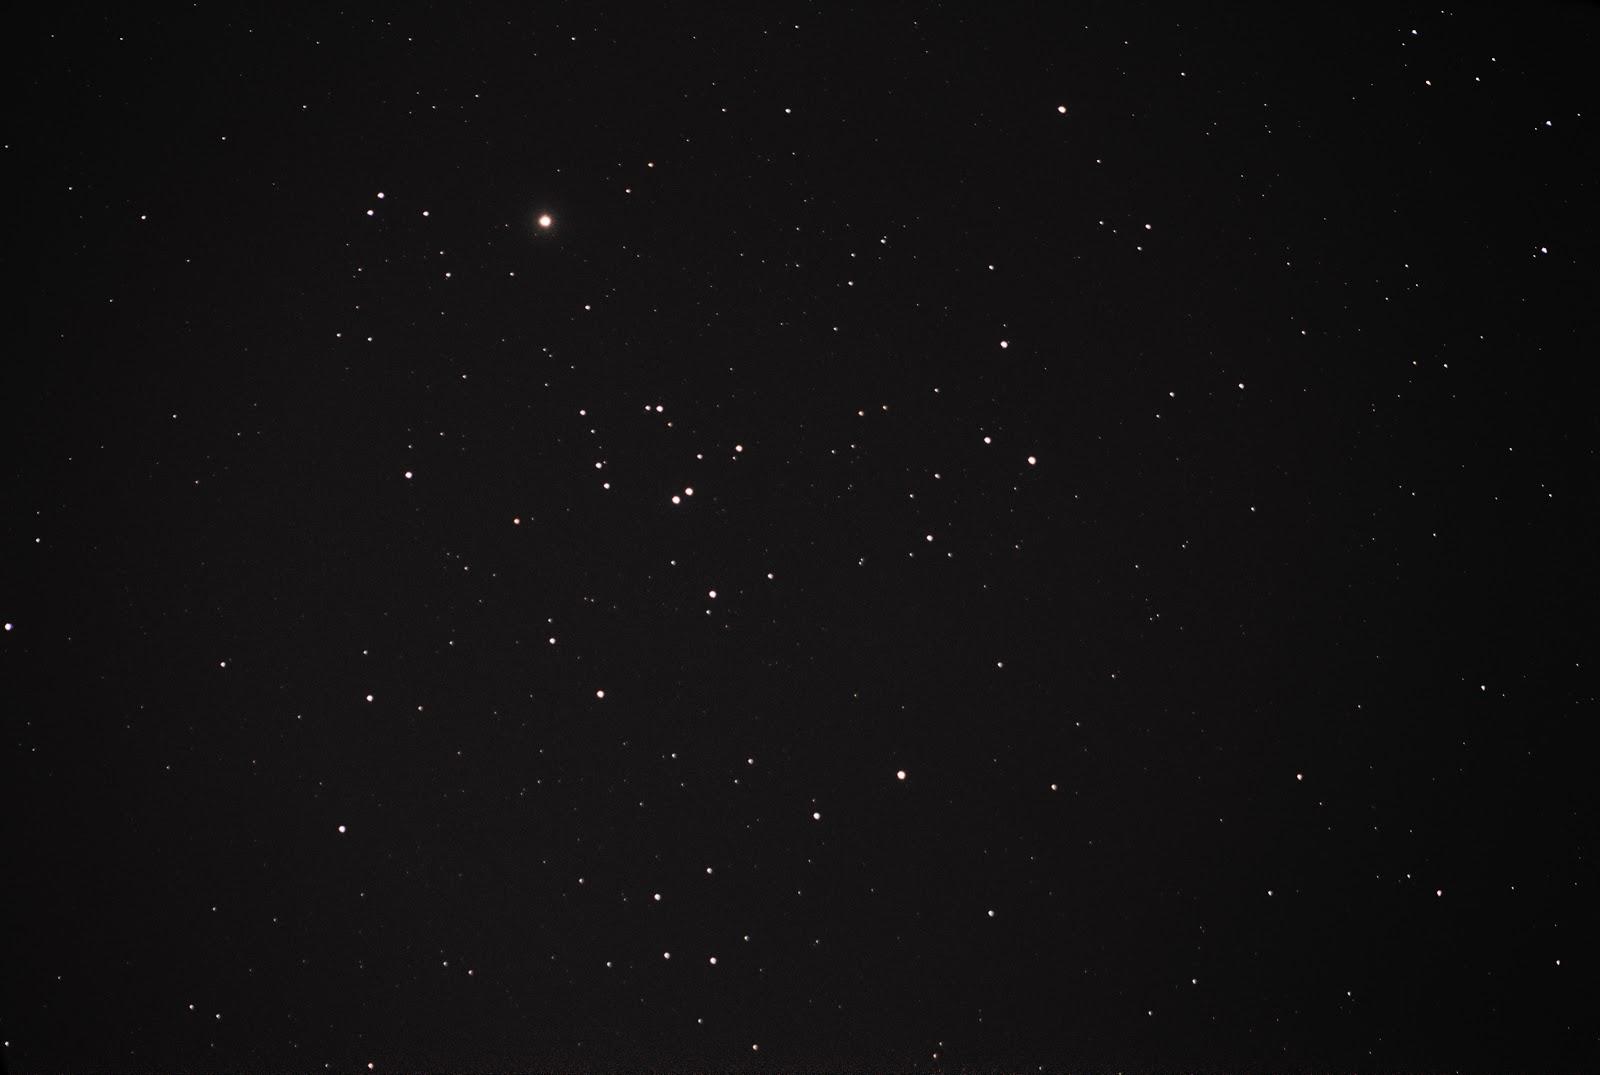 hyades star cluster in taurus